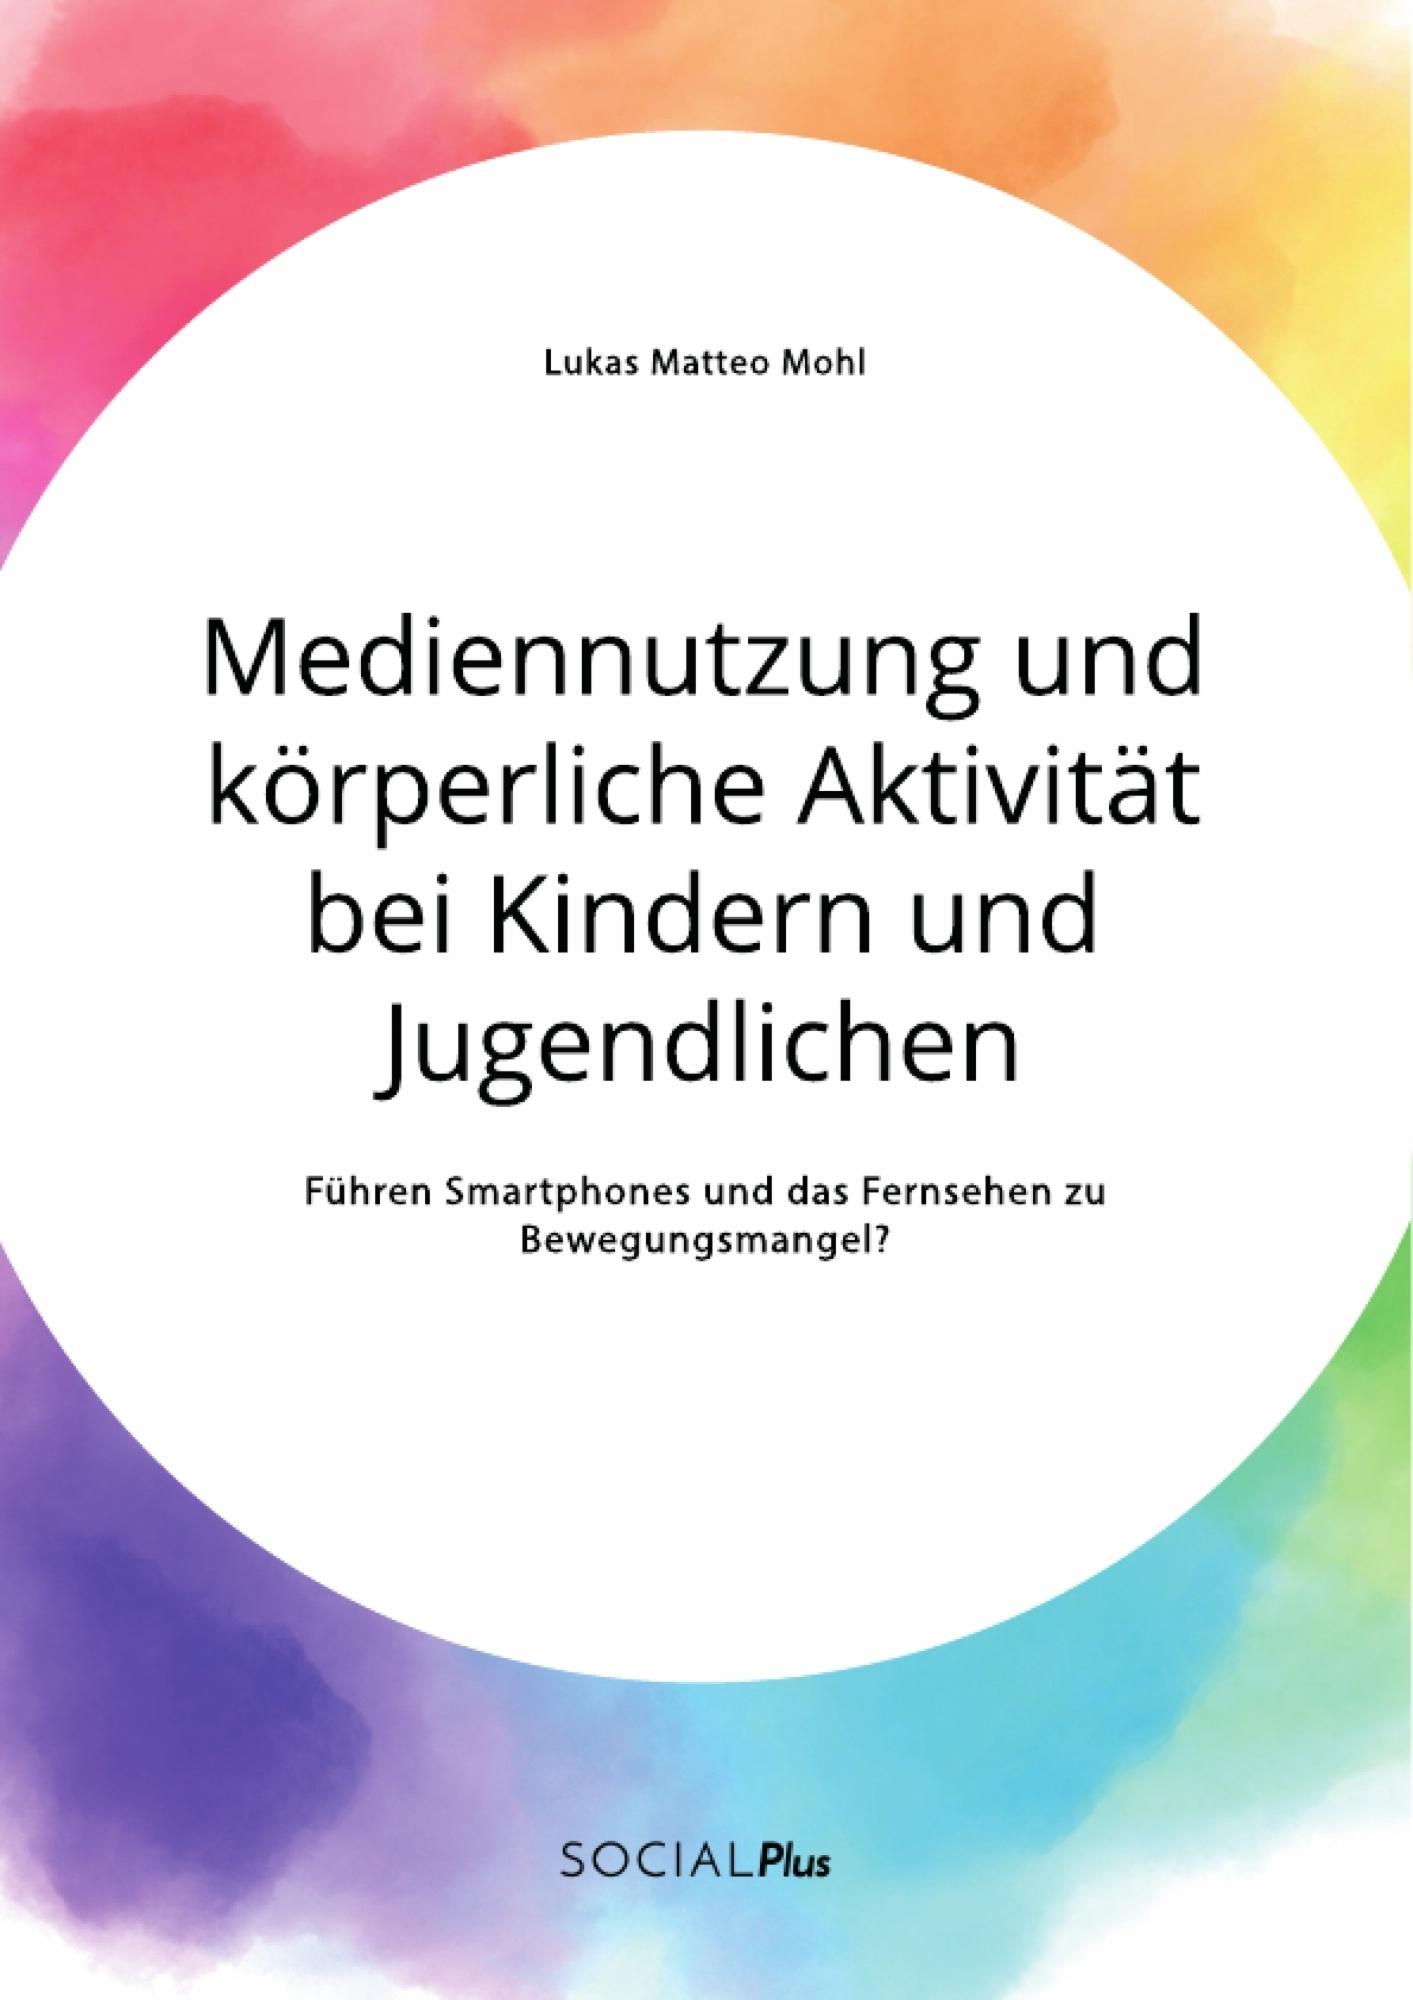 Titel: Mediennutzung und körperliche Aktivität bei Kindern und Jugendlichen. Führen Smartphones und das Fernsehen zum Bewegungsmangel?